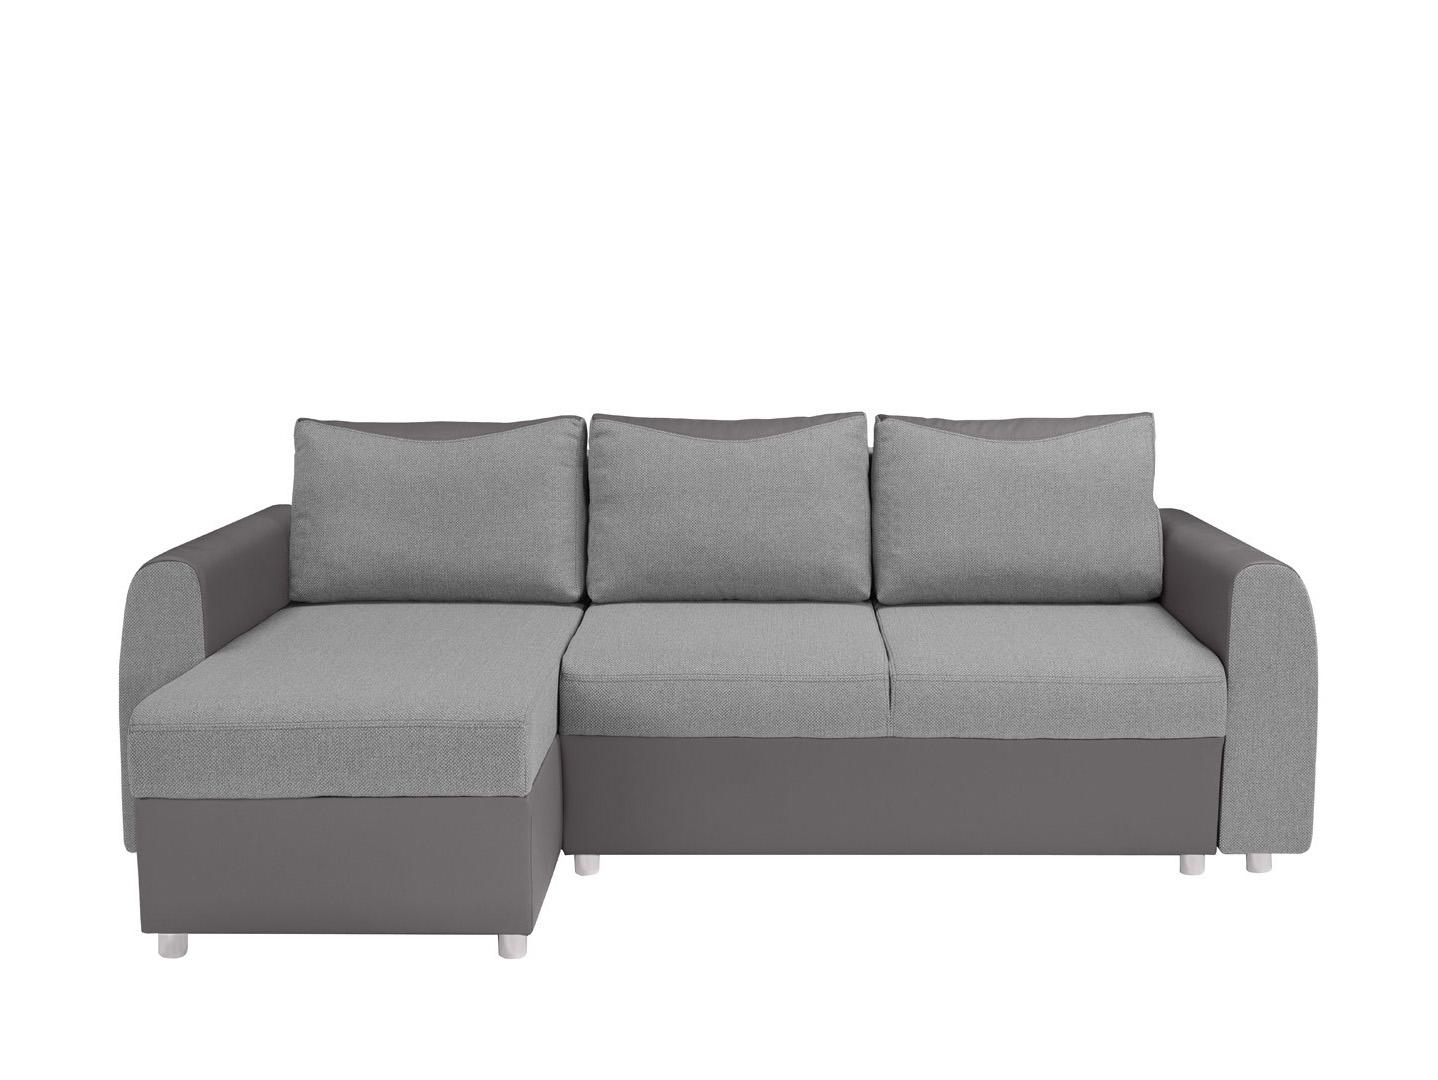 Rohová sedací souprava - BRW - Jette LUX 3DL.URCBK (šedá) (L)